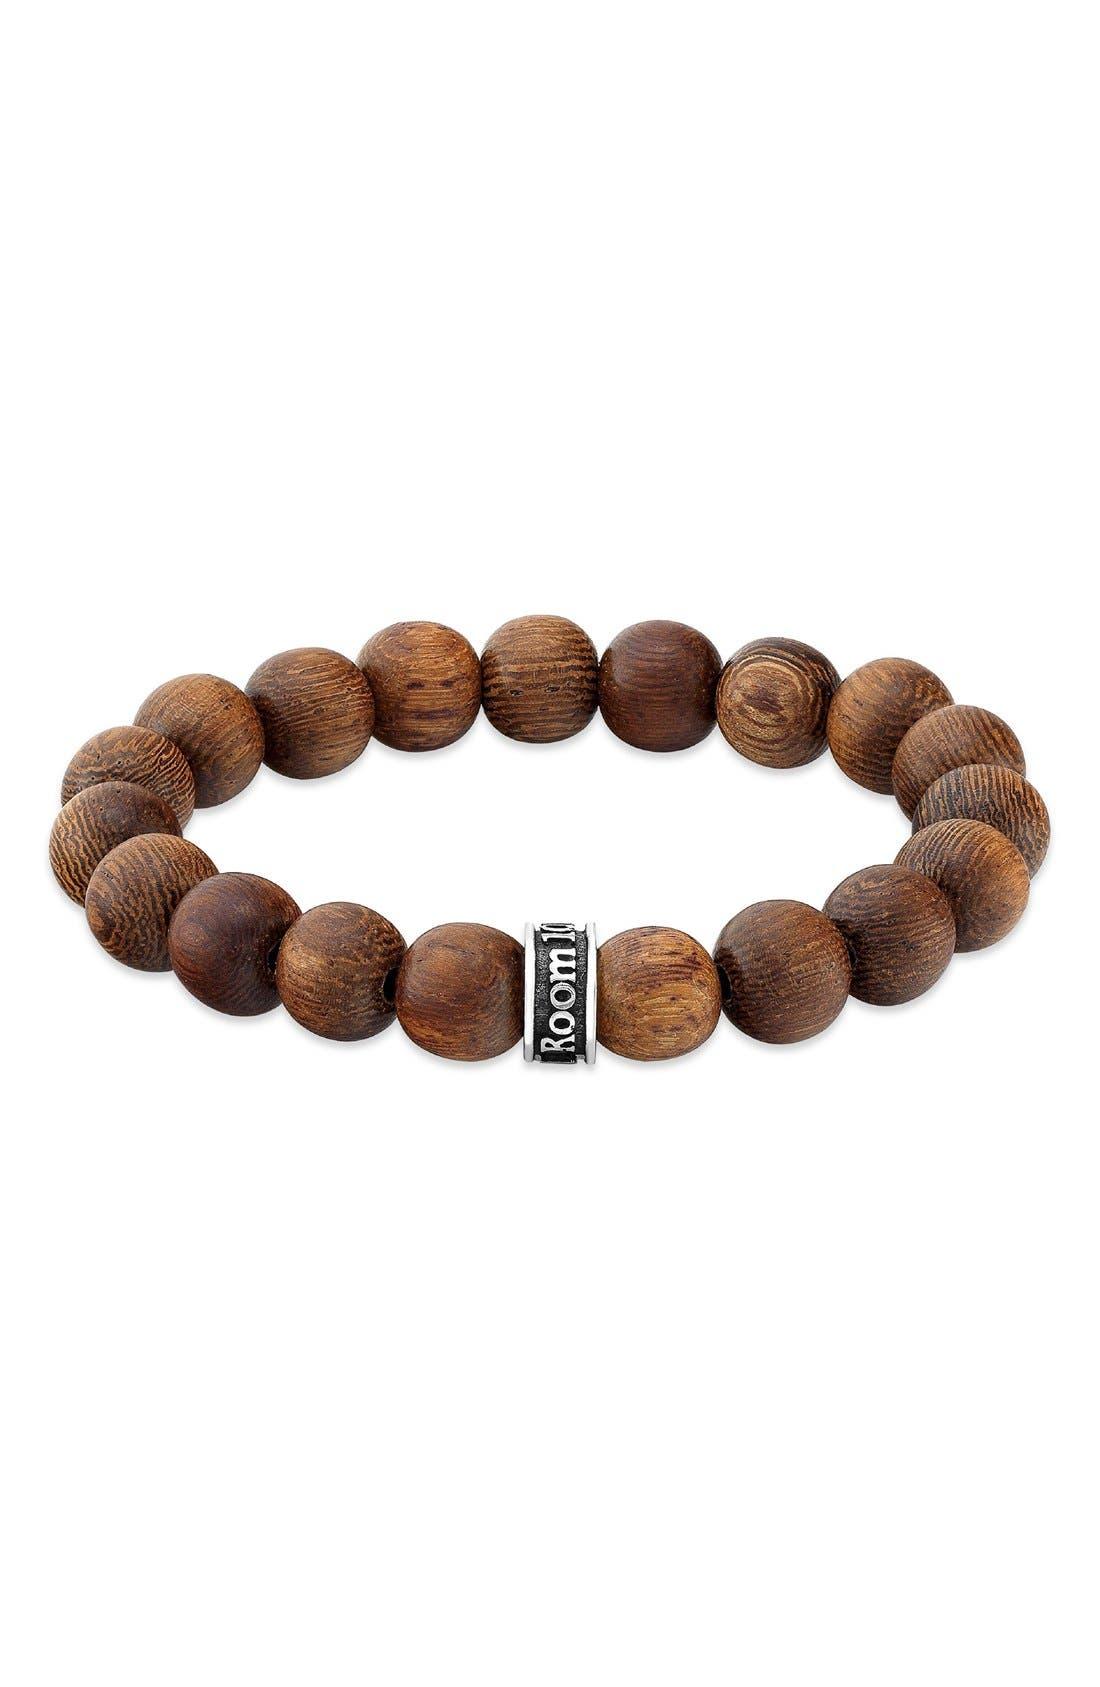 Room101 Wood Bead Bracelet